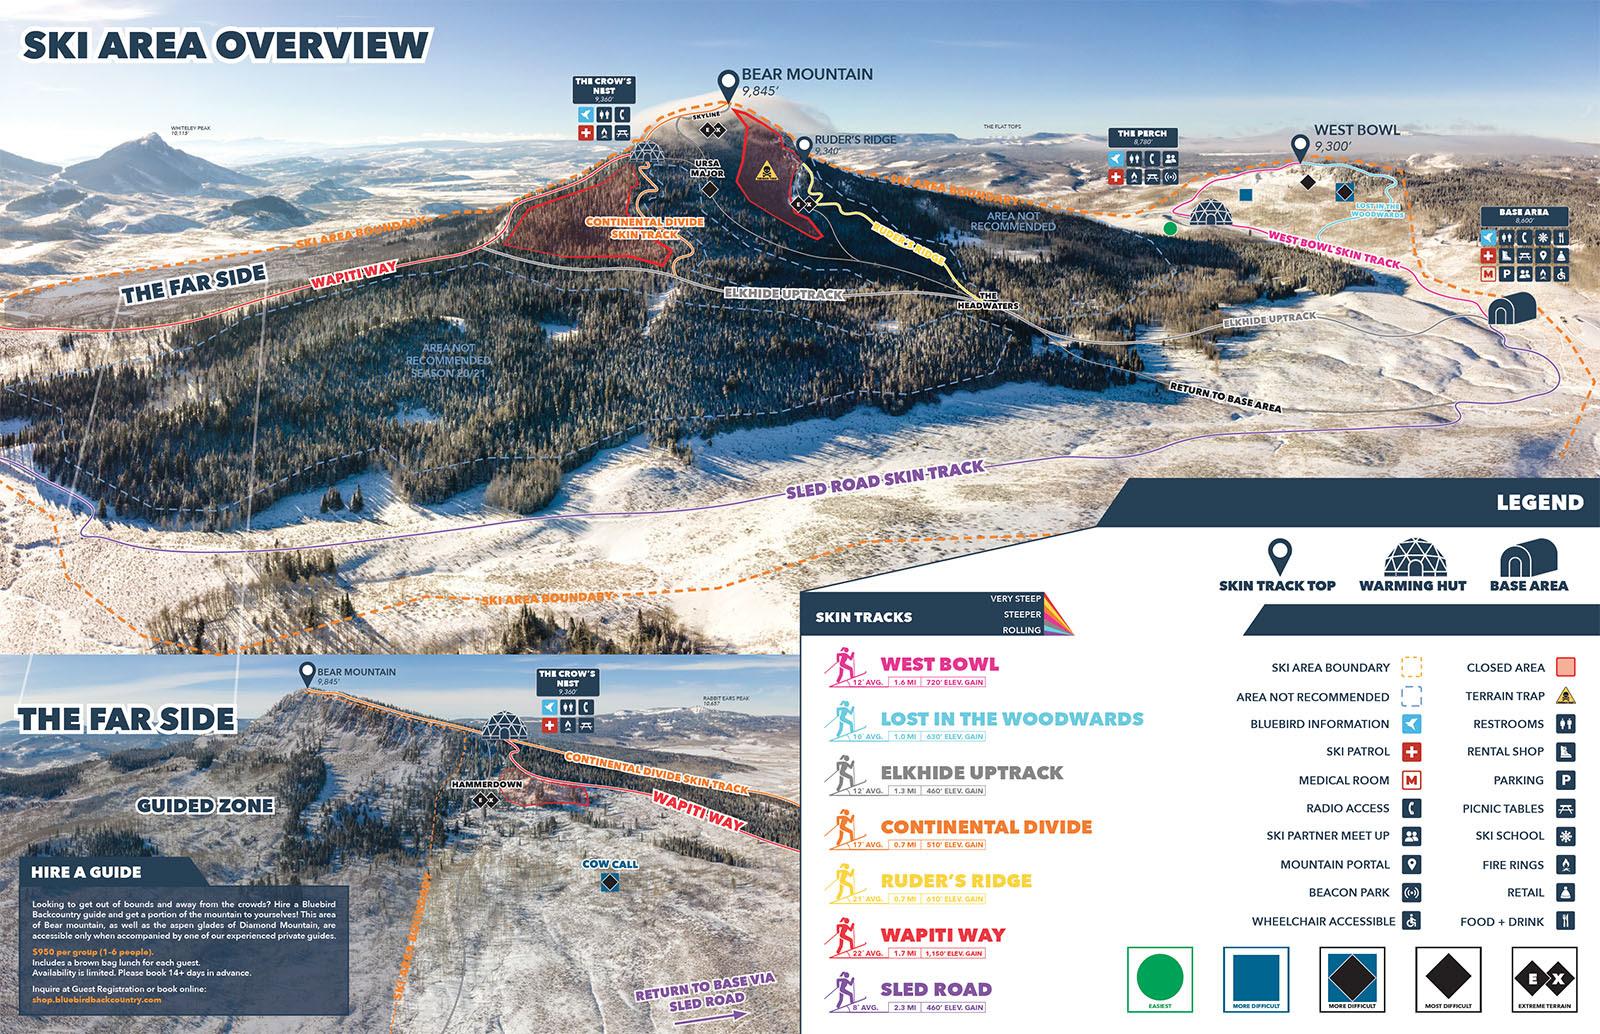 una imagen de Bear Mountain con la leyenda del mapa de los pájaros azules que muestra los diferentes cuencos y terrenos